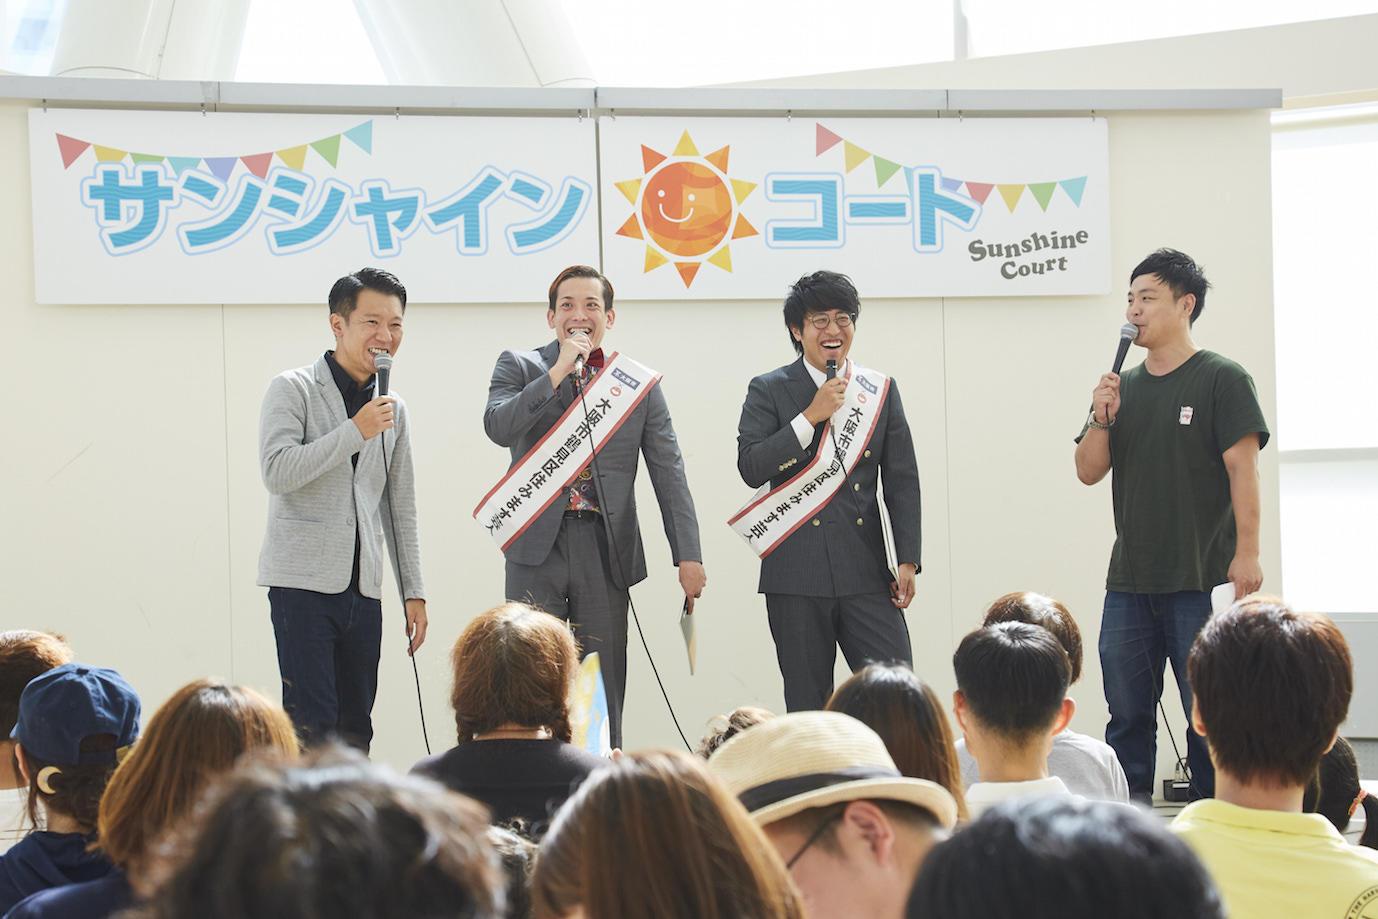 http://news.yoshimoto.co.jp/20180806161943-ac3dae48dd7cf33430039ee502c0790d6073ebdb.jpg